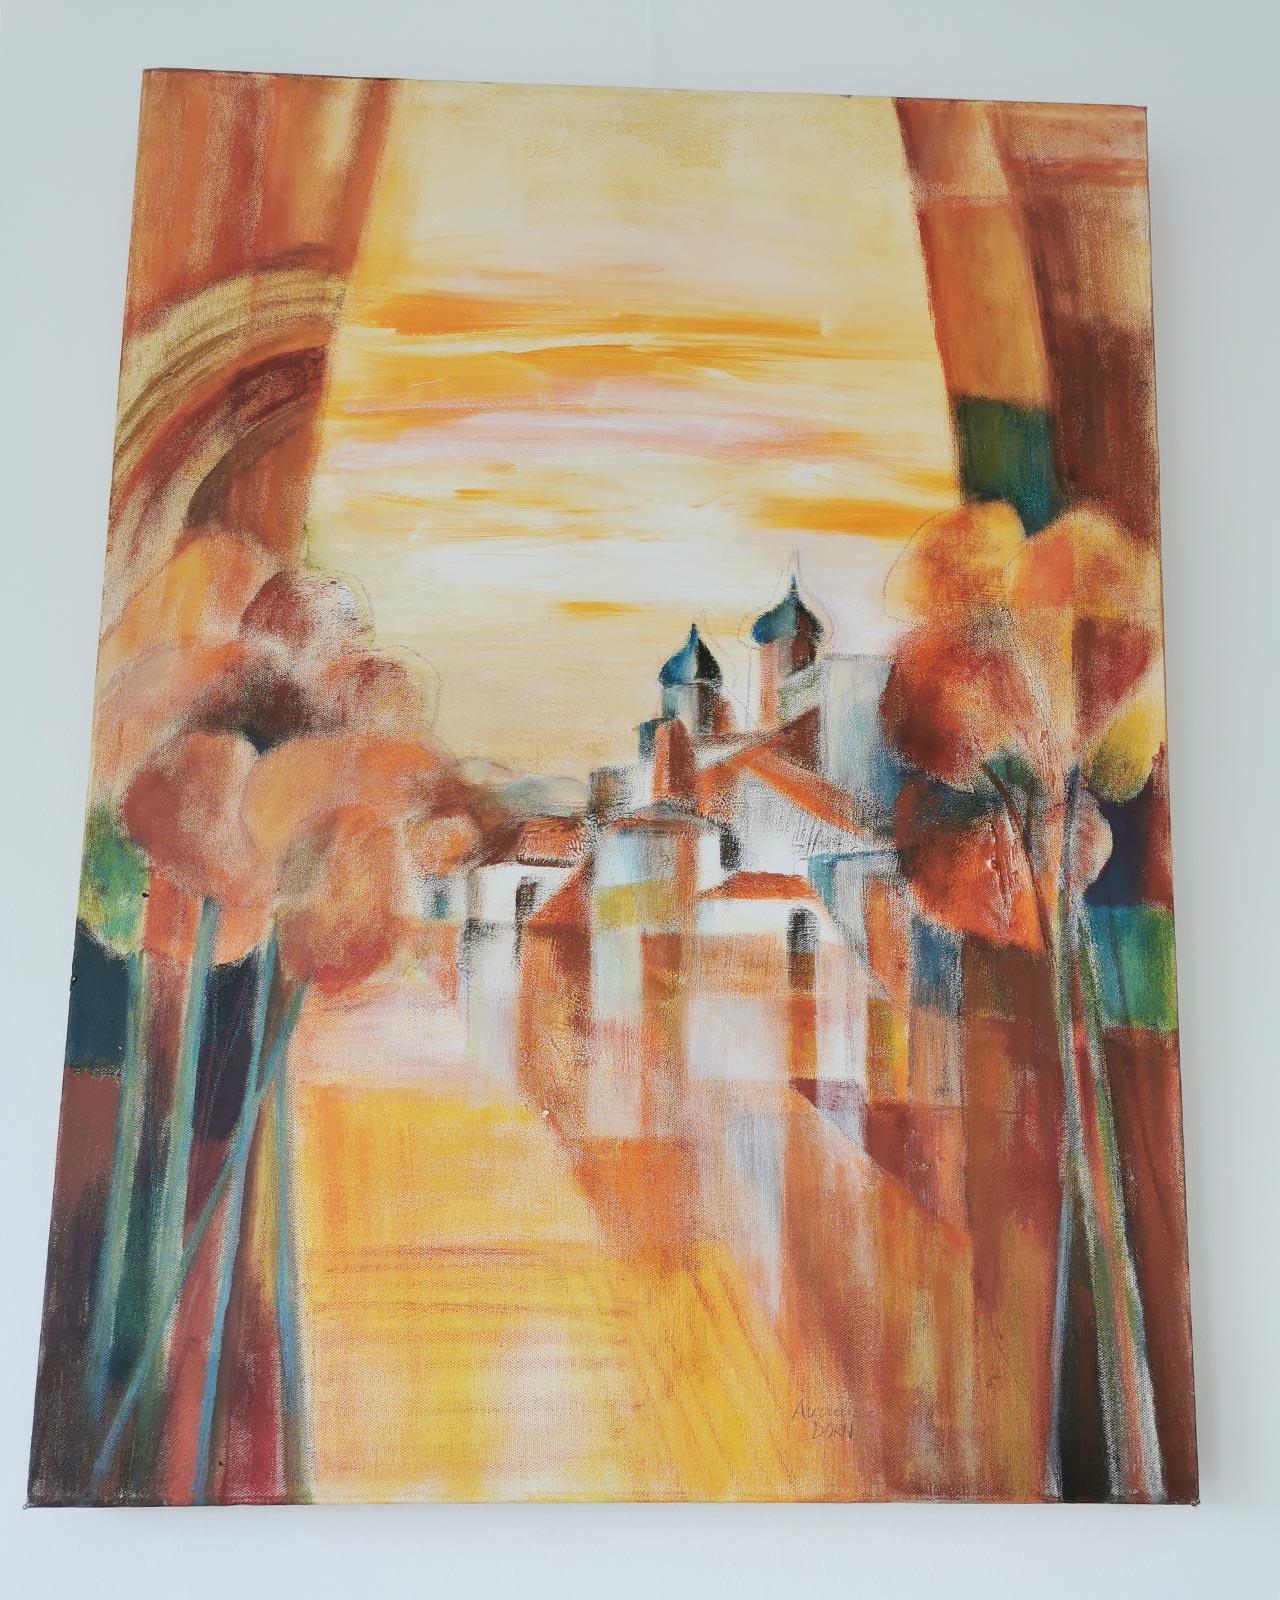 Gemälde von Anneliese Dorn